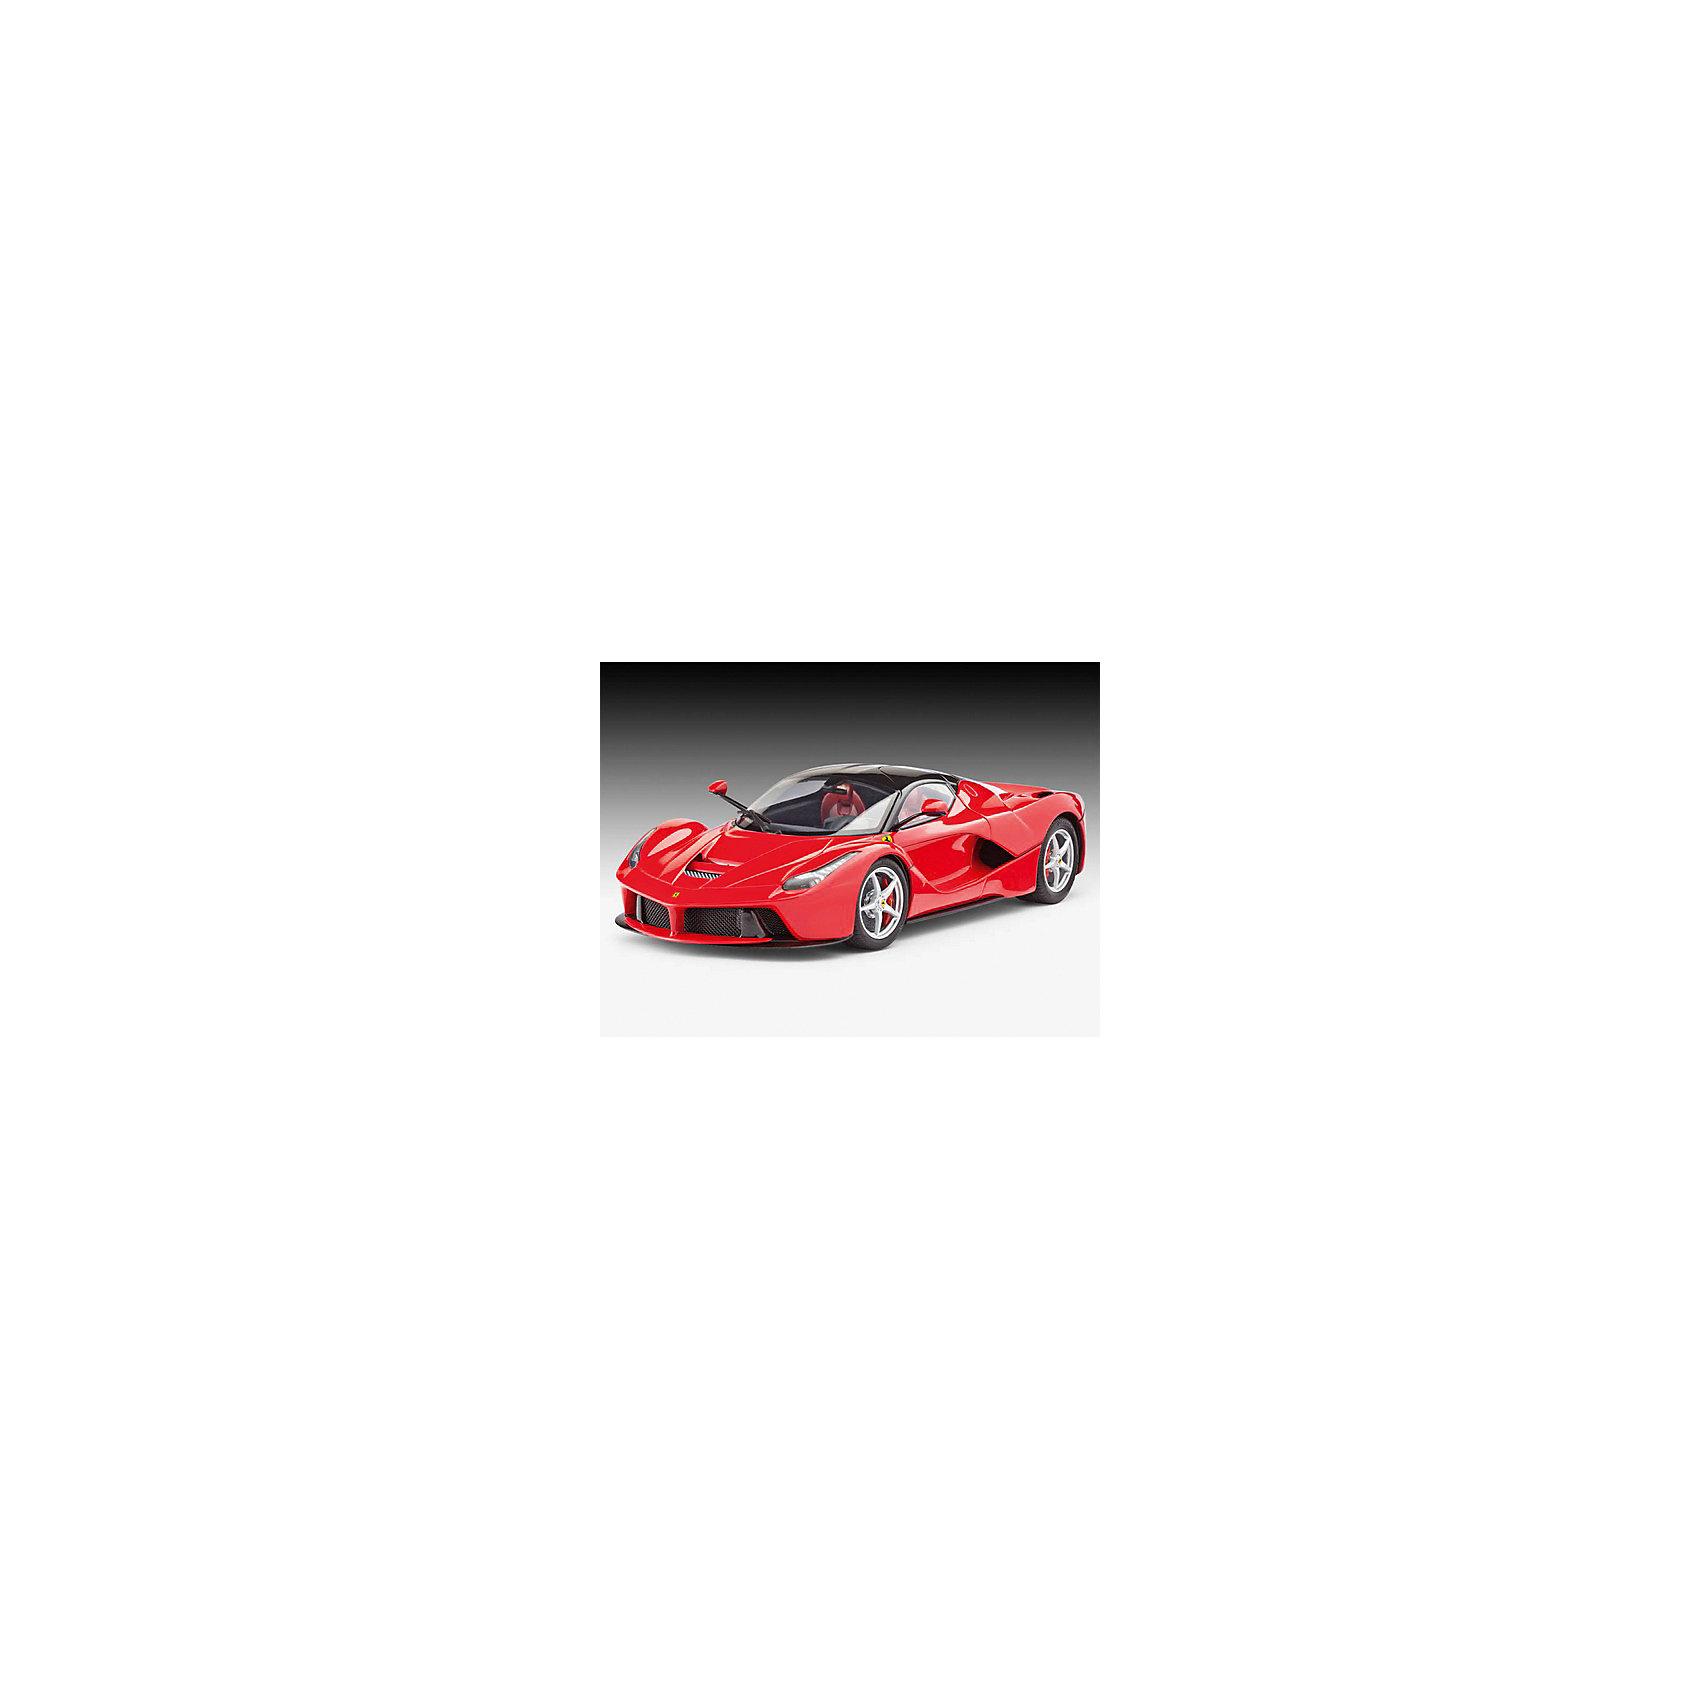 Набор Автомобиль LaFerrari, RevellМодели для склеивания<br>Эта, несомненно, фантастическая спортивная машина отличается не только своим потрясающим дизайном, но и невероятной эффективностью. Автомобиль LaFerrari с двумя сиденьями оснащён мощным 6,3 литровым двигателем V12 в 800 лошадиных сил, а также дополнен двумя электрическими двигателями общей мощностью в 163 лошадиных силы. Этот невероятный автомобиль с гибридным двигателем достигает скорости в 200 км/час мене, чем за 7 секунд, а максимальная скорость достигает 350 км/час.  Шикарная сборная модель знаменитого спорт-кара LaFerrari впечатляет своей внимательностью к деталям, ведь благодаря им макет в масштабе 1:24 так схож с оригиналом. Корпус автомобиля проработан в мельчайших подробностях и имеет фактурные поверхности. Интерьер с подлинной приборной панелью превосходно детализирован. Колёса машина вращаются, а под открывающимся капотом располагается уникальный 12-цилиндровый двигатель идеально скопированный с оригинала. Некоторые детали машины хромированы для большей достоверности. Всего модель состоит из 139 отдельных компонентов, которые необходимо собрать, склеить и покрыть краской в соответствии с инструкцией в комплекте. Также в наборе прилагаются комплект красок с кисточкой, клей в удобной упаковке, а также комплект наклеек с международными регистрационными номерами. Длина готовой модели после сборки составляет 198 мм.  Неповторимая сборная модель великолепного спортивного автомобиля LaFerrari, произведённая немецкой компанией Revell, предназначена для детей от 12 лет. Макет настоящего гоночного болида от Ferrari определённо принесёт уйму положительных эмоций не только юному поклоннику моделирования, но и взрослому любителю, ведь моделирование – один из наиболее полезных и увлекательных хобби. Оно превосходно тренирует мелкую моторику, развивает такие навыки как усидчивость, аккуратность и внимательность. Кроме того, развивается пространственное мышление, логика и креативность.<br><br>Набор Автомобиль LaF